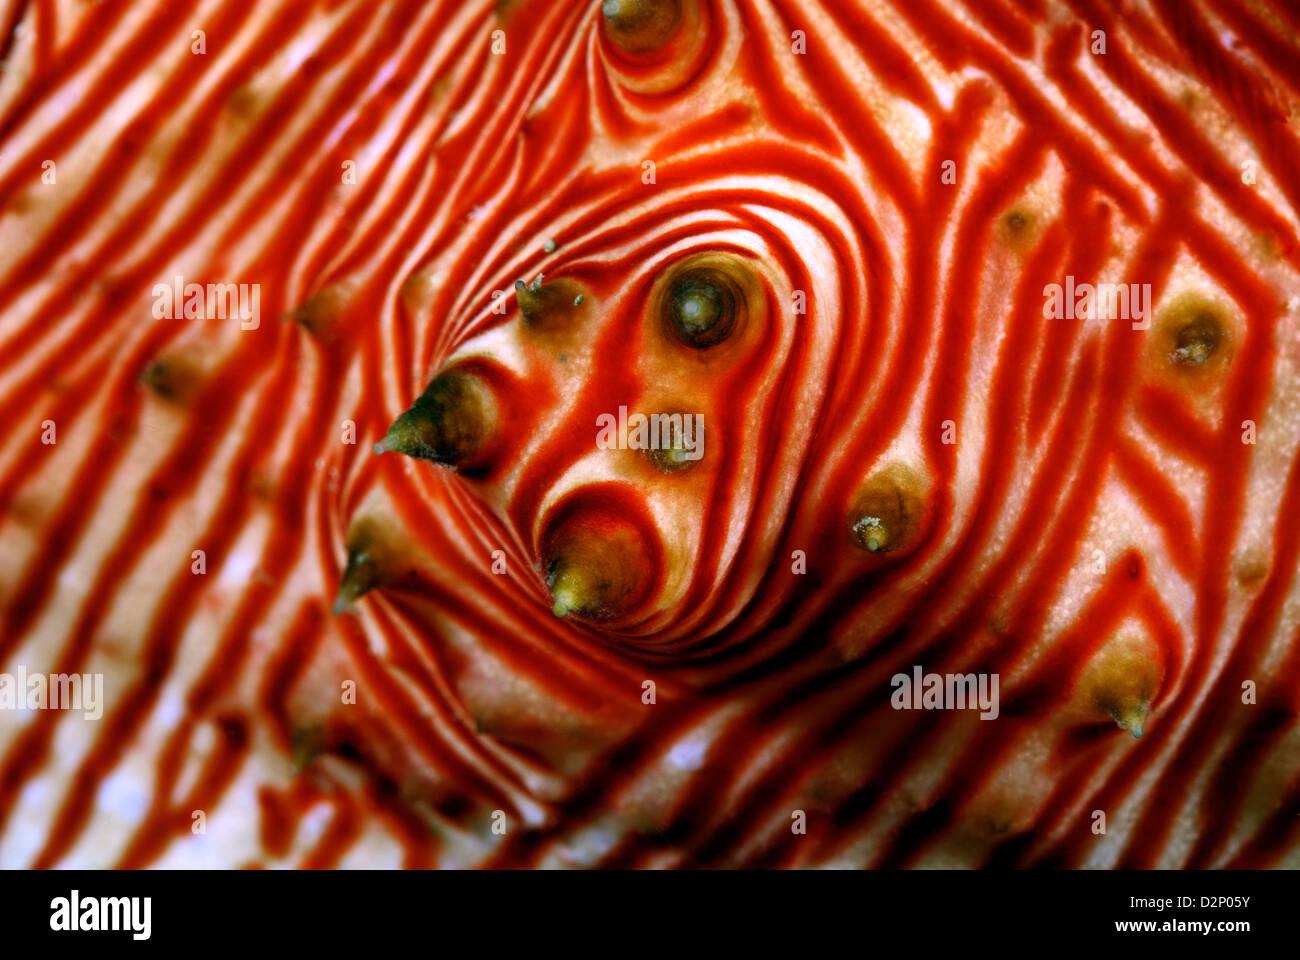 Thelenota rubralineata holothurie détail de papilles et pieds tubulaires, Loloata; mer de corail, l'océan Photo Stock